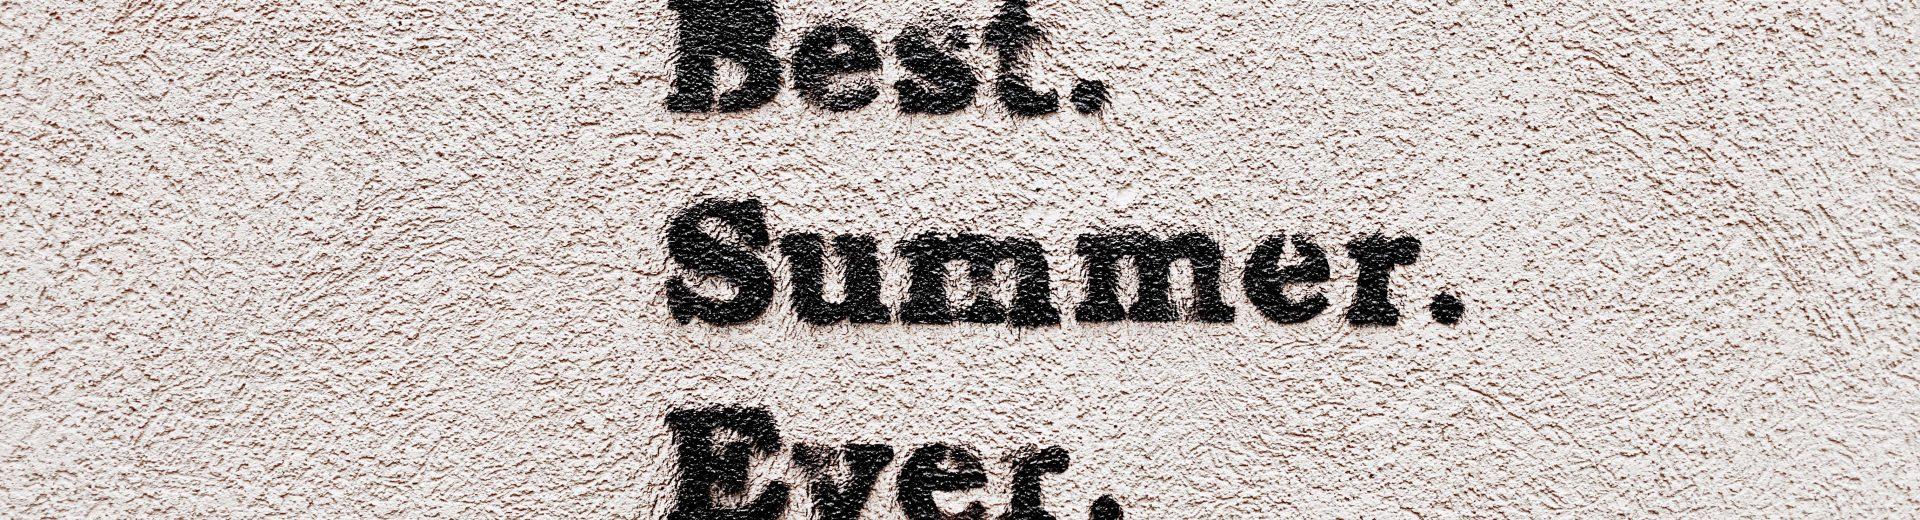 Summer Program banner